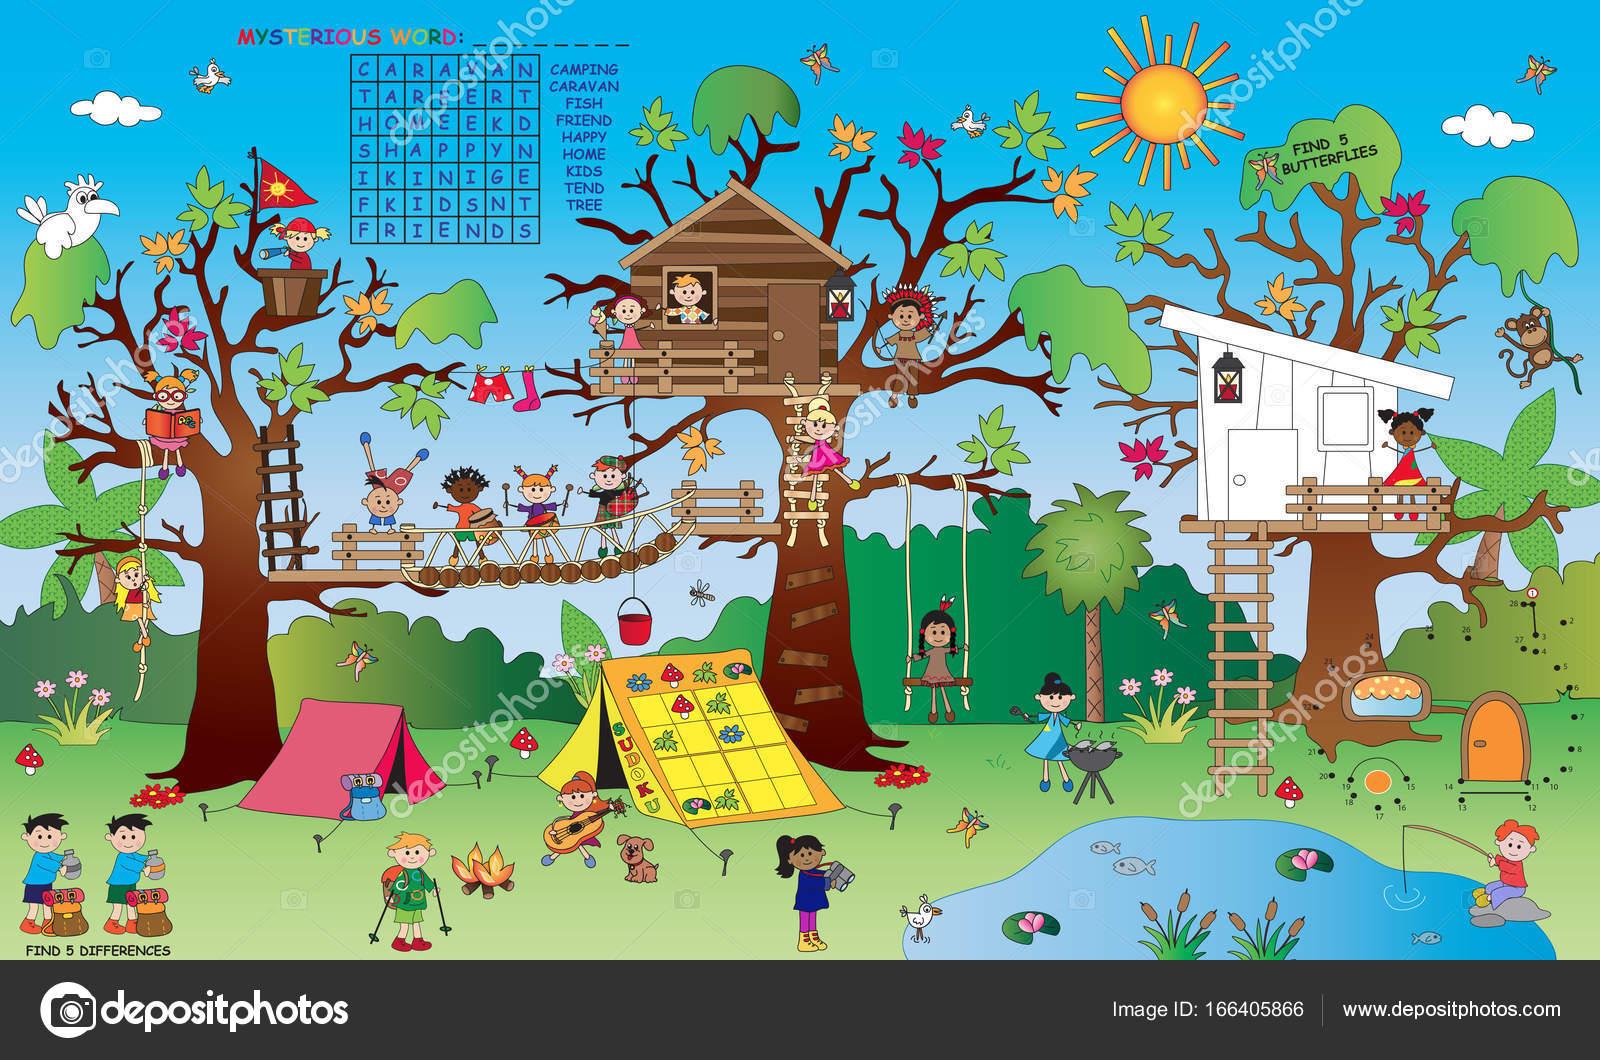 juego para niños — Foto de stock © casaltamoiola #166405866